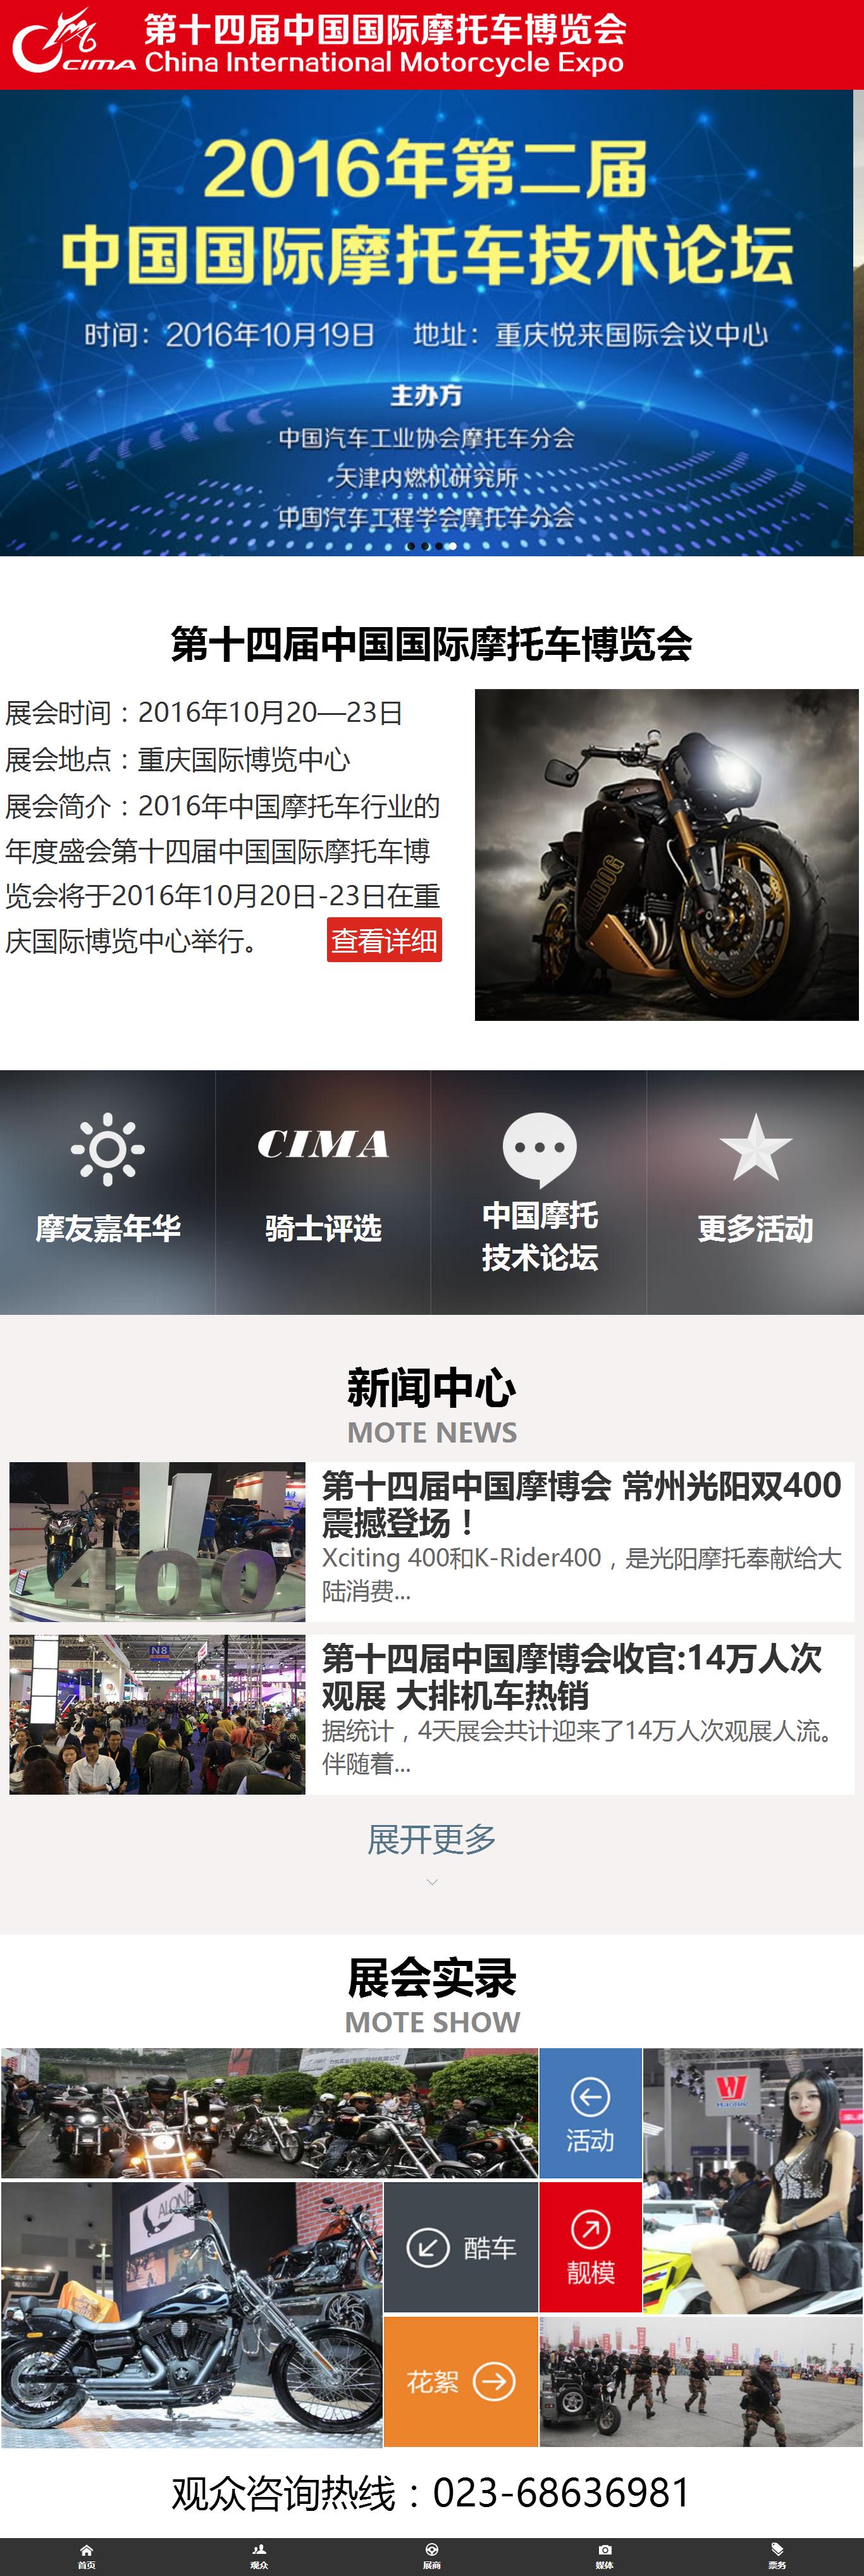 重庆网站设计案例